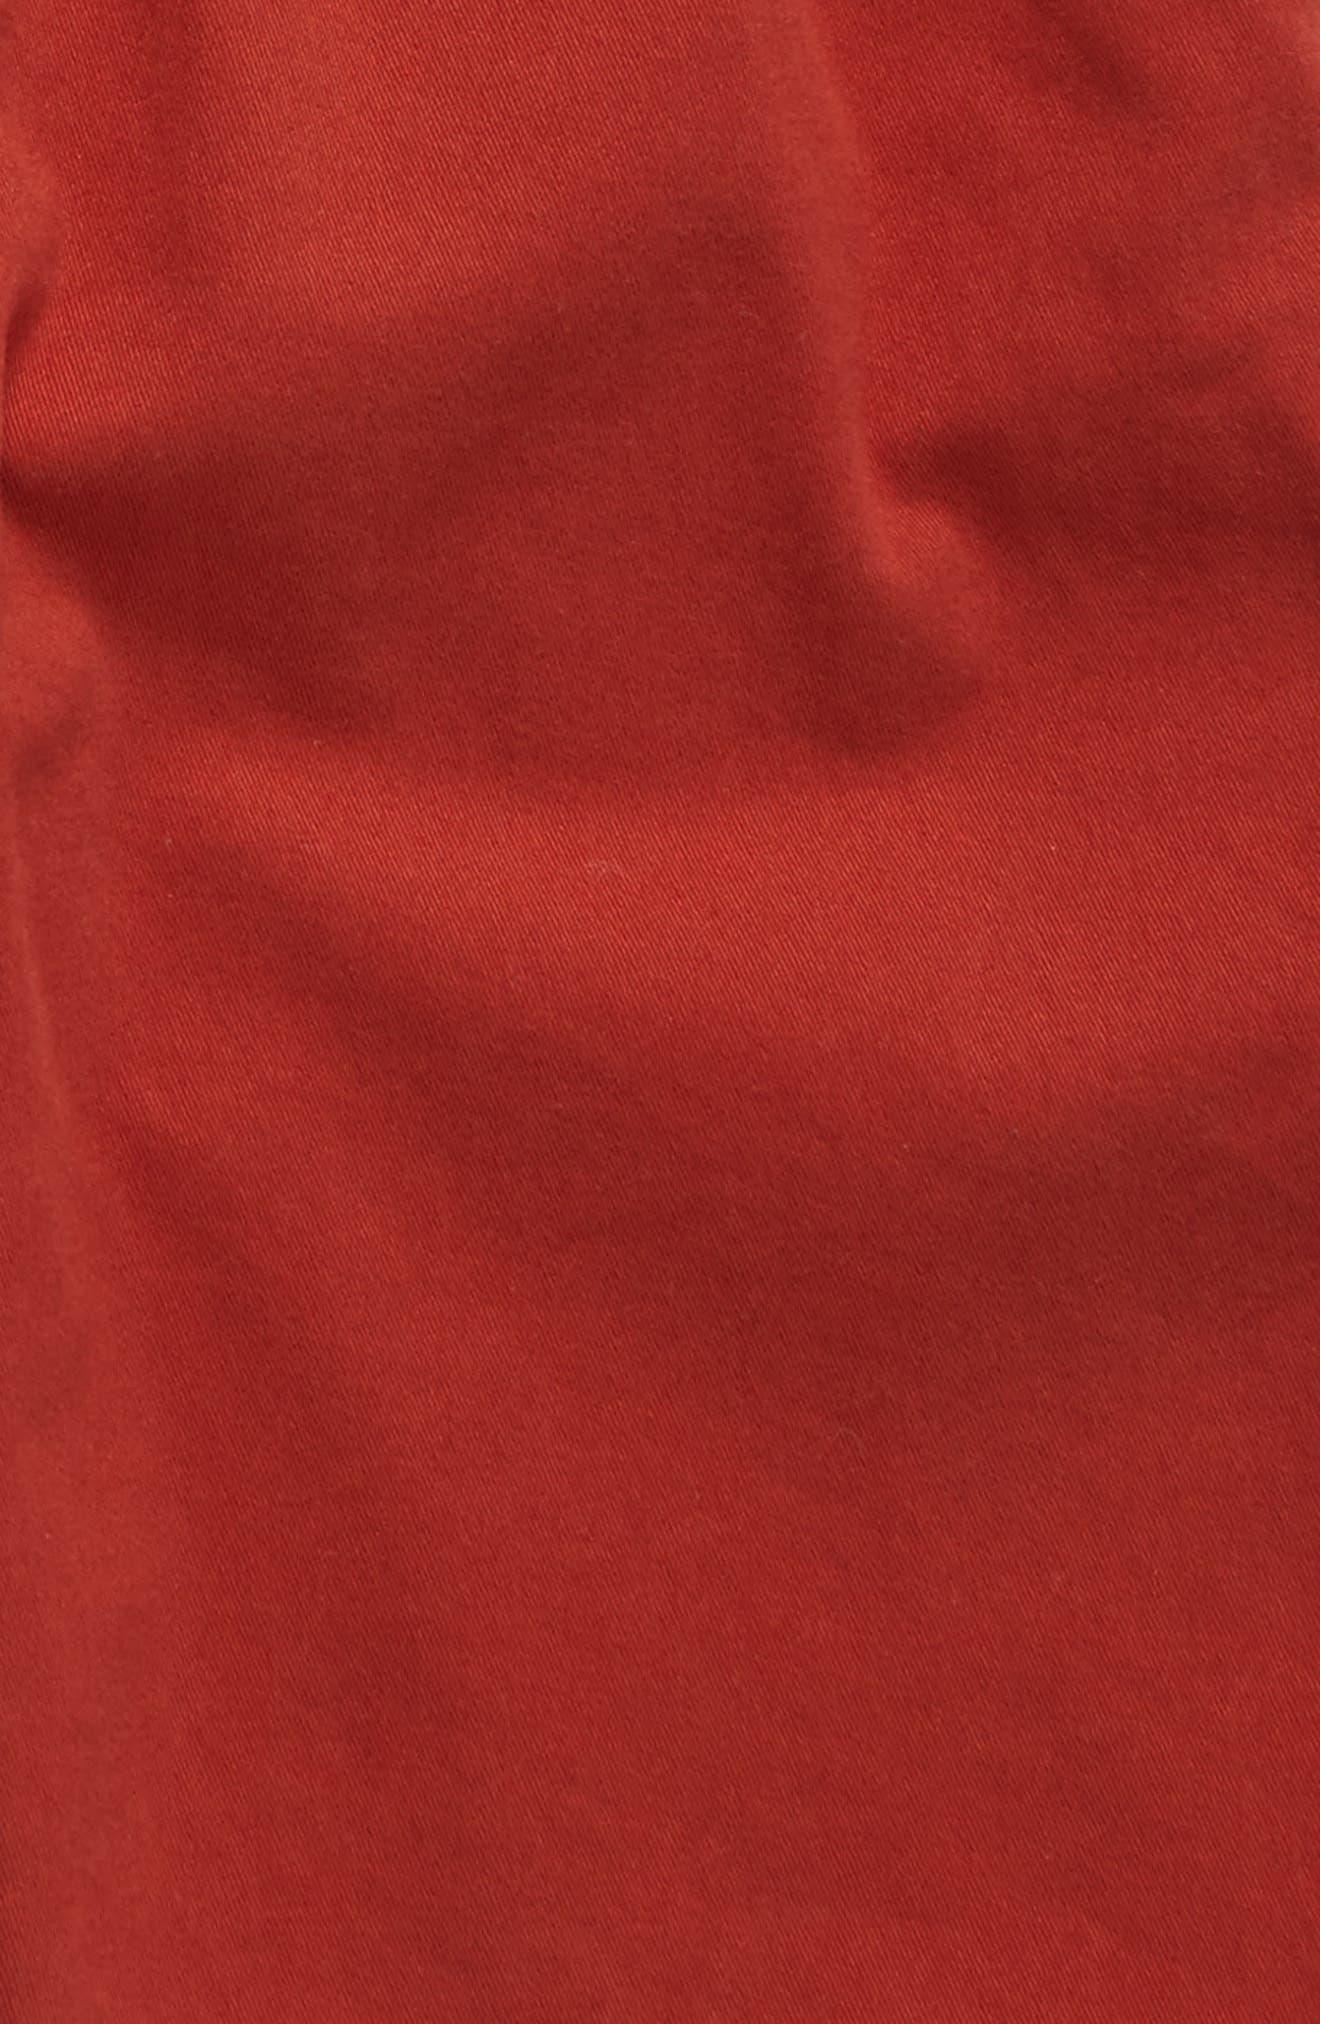 Jogger Shorts,                             Main thumbnail 4, color,